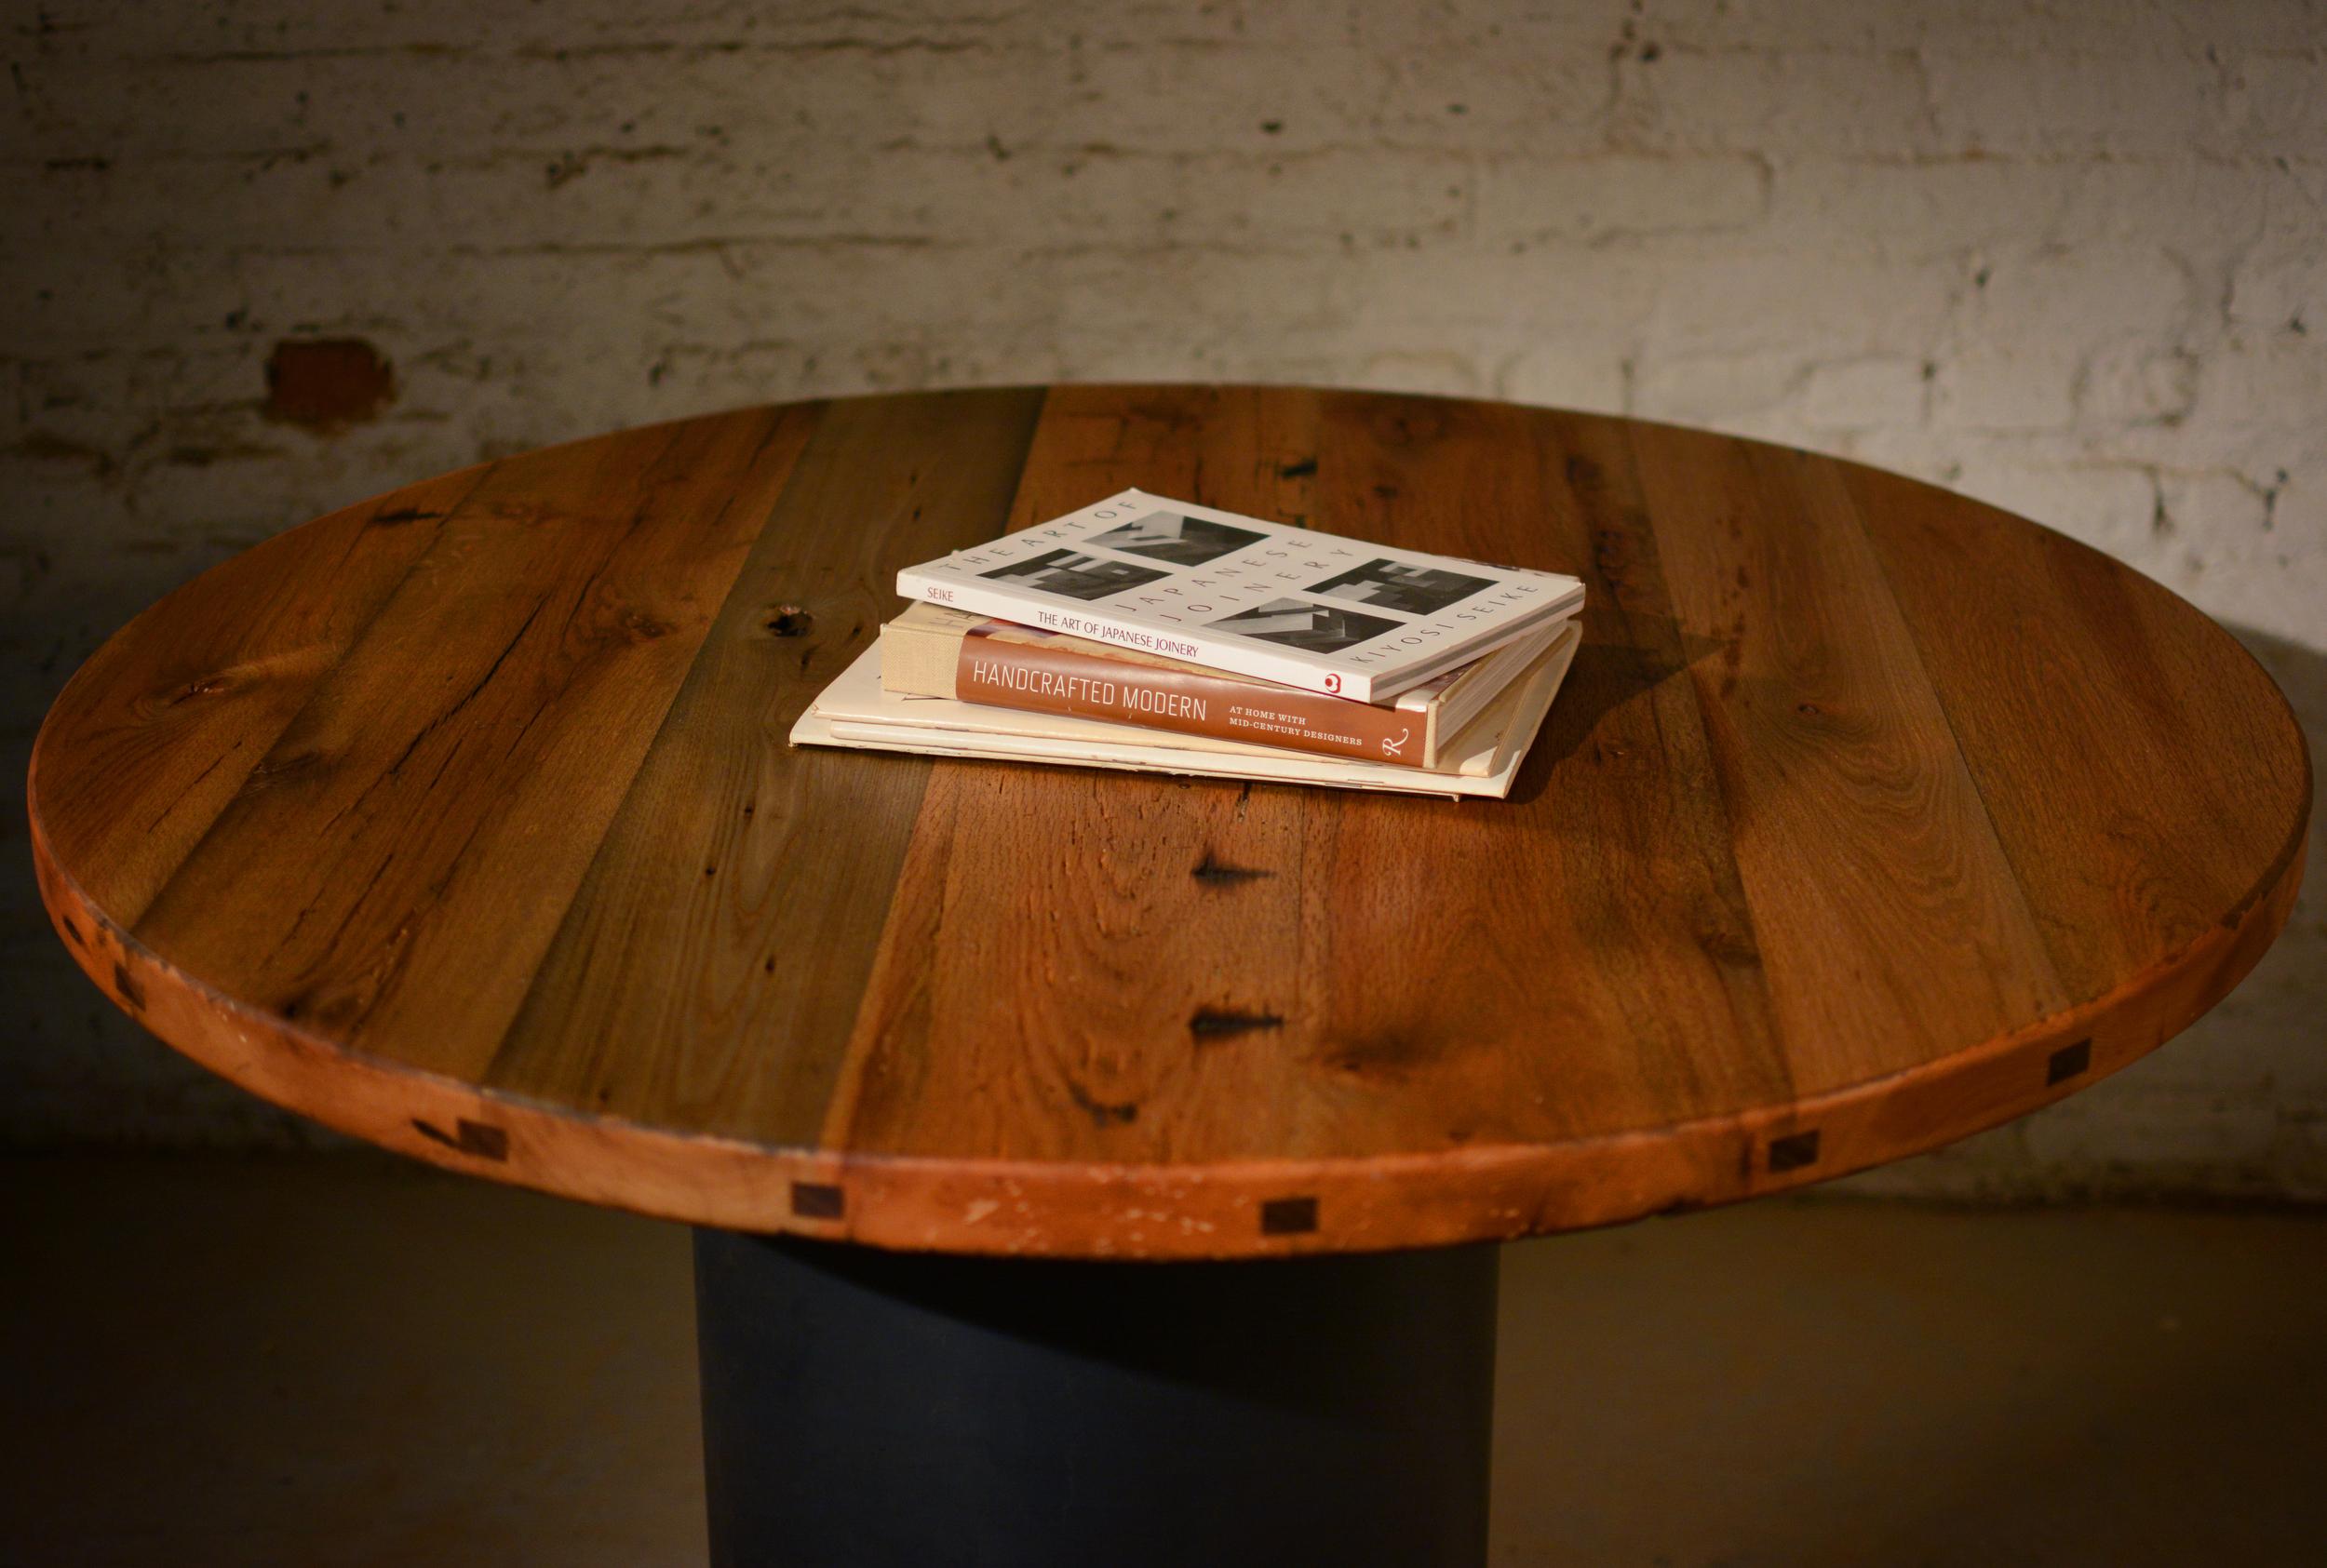 BOLES ROUND TABLE